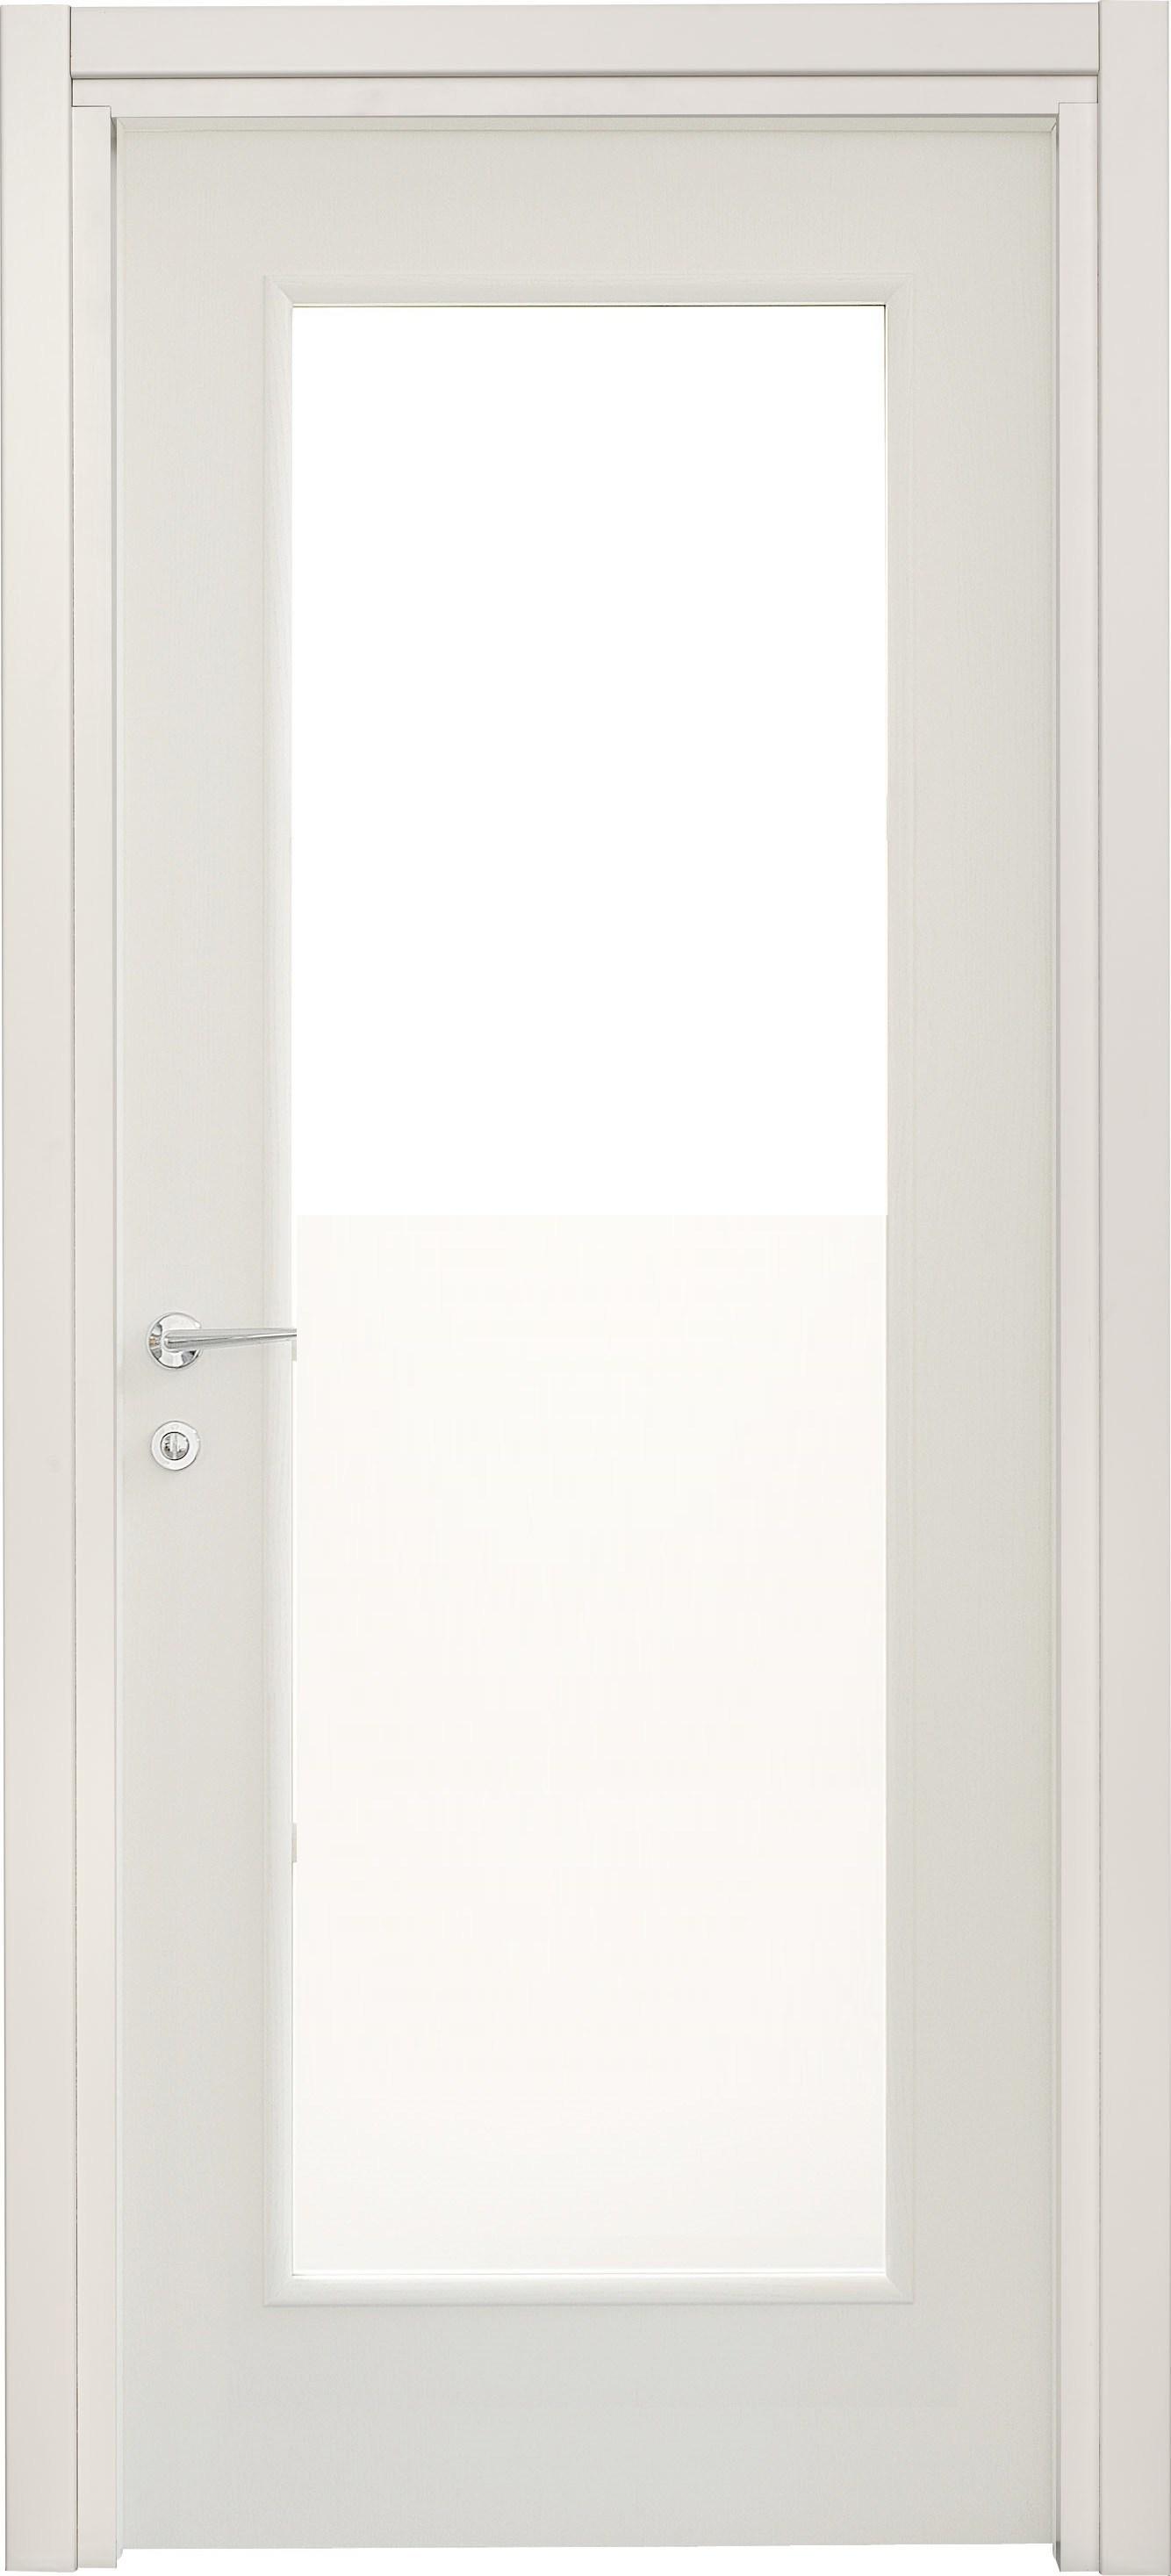 Porte interne Leon 660 liscia con vetro laccata bianca ...